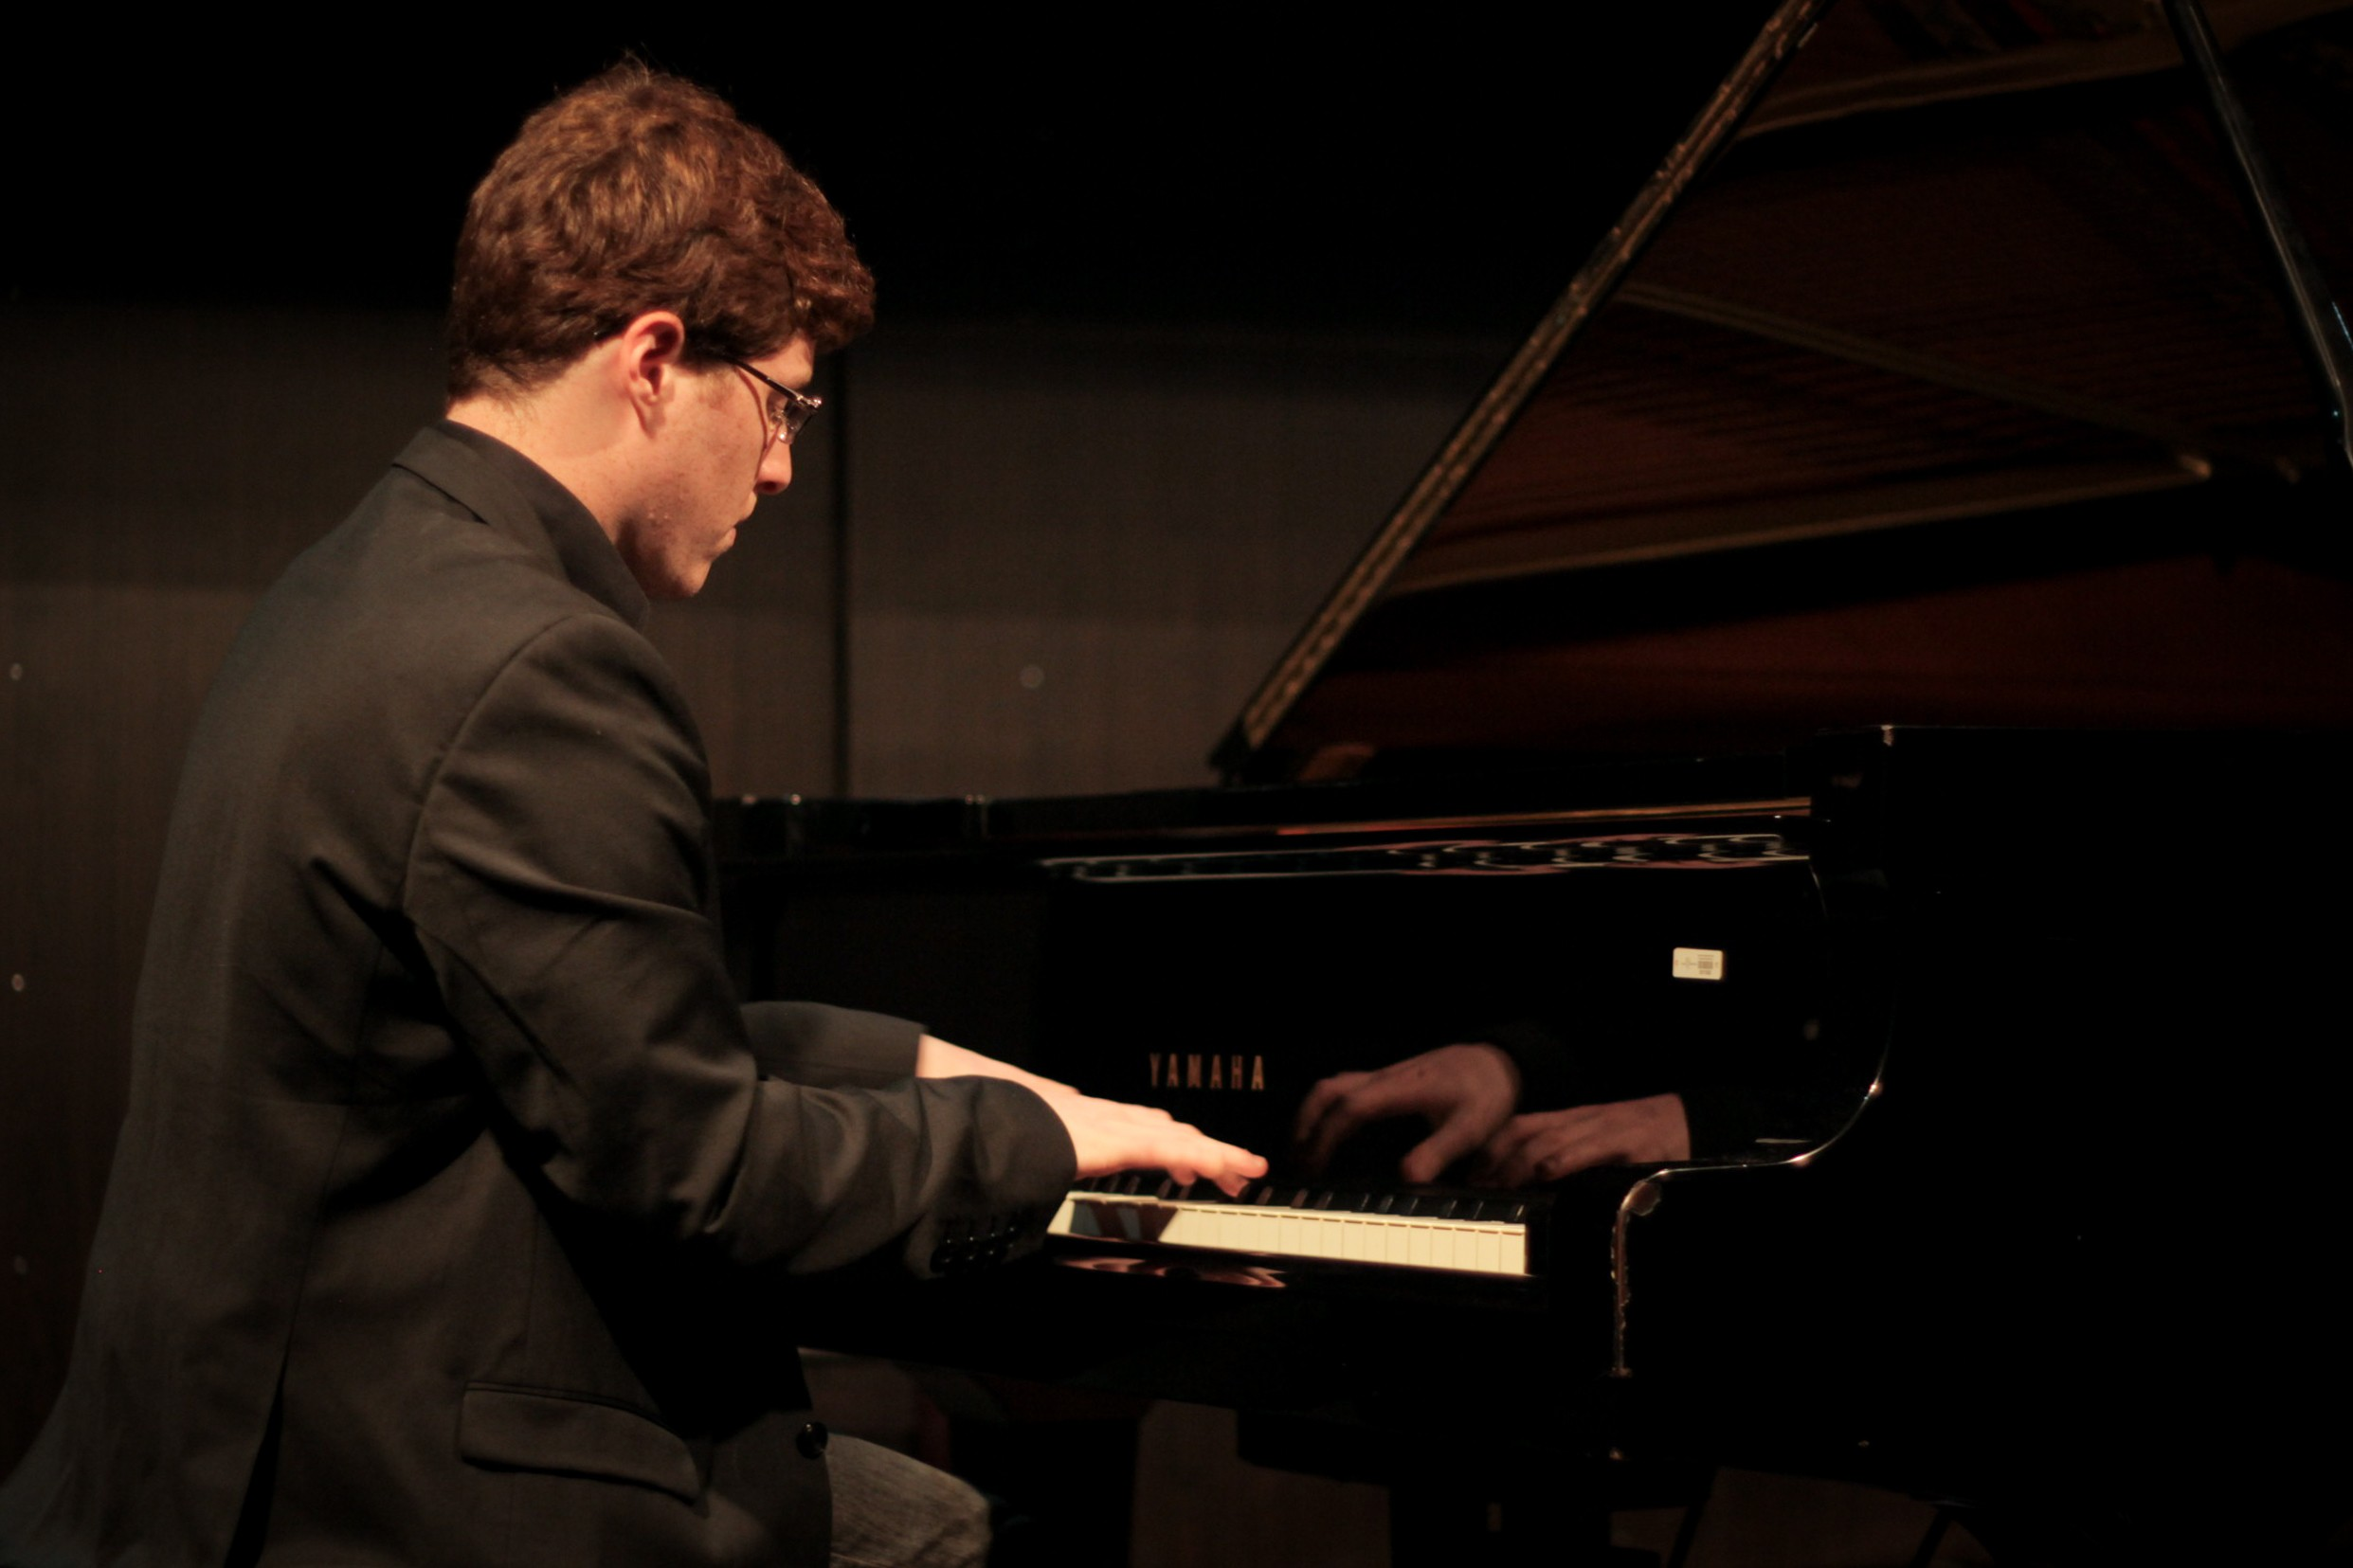 Obra do compositor russo Prokofiev é executada pela primeira vez pela OSTP em concerto